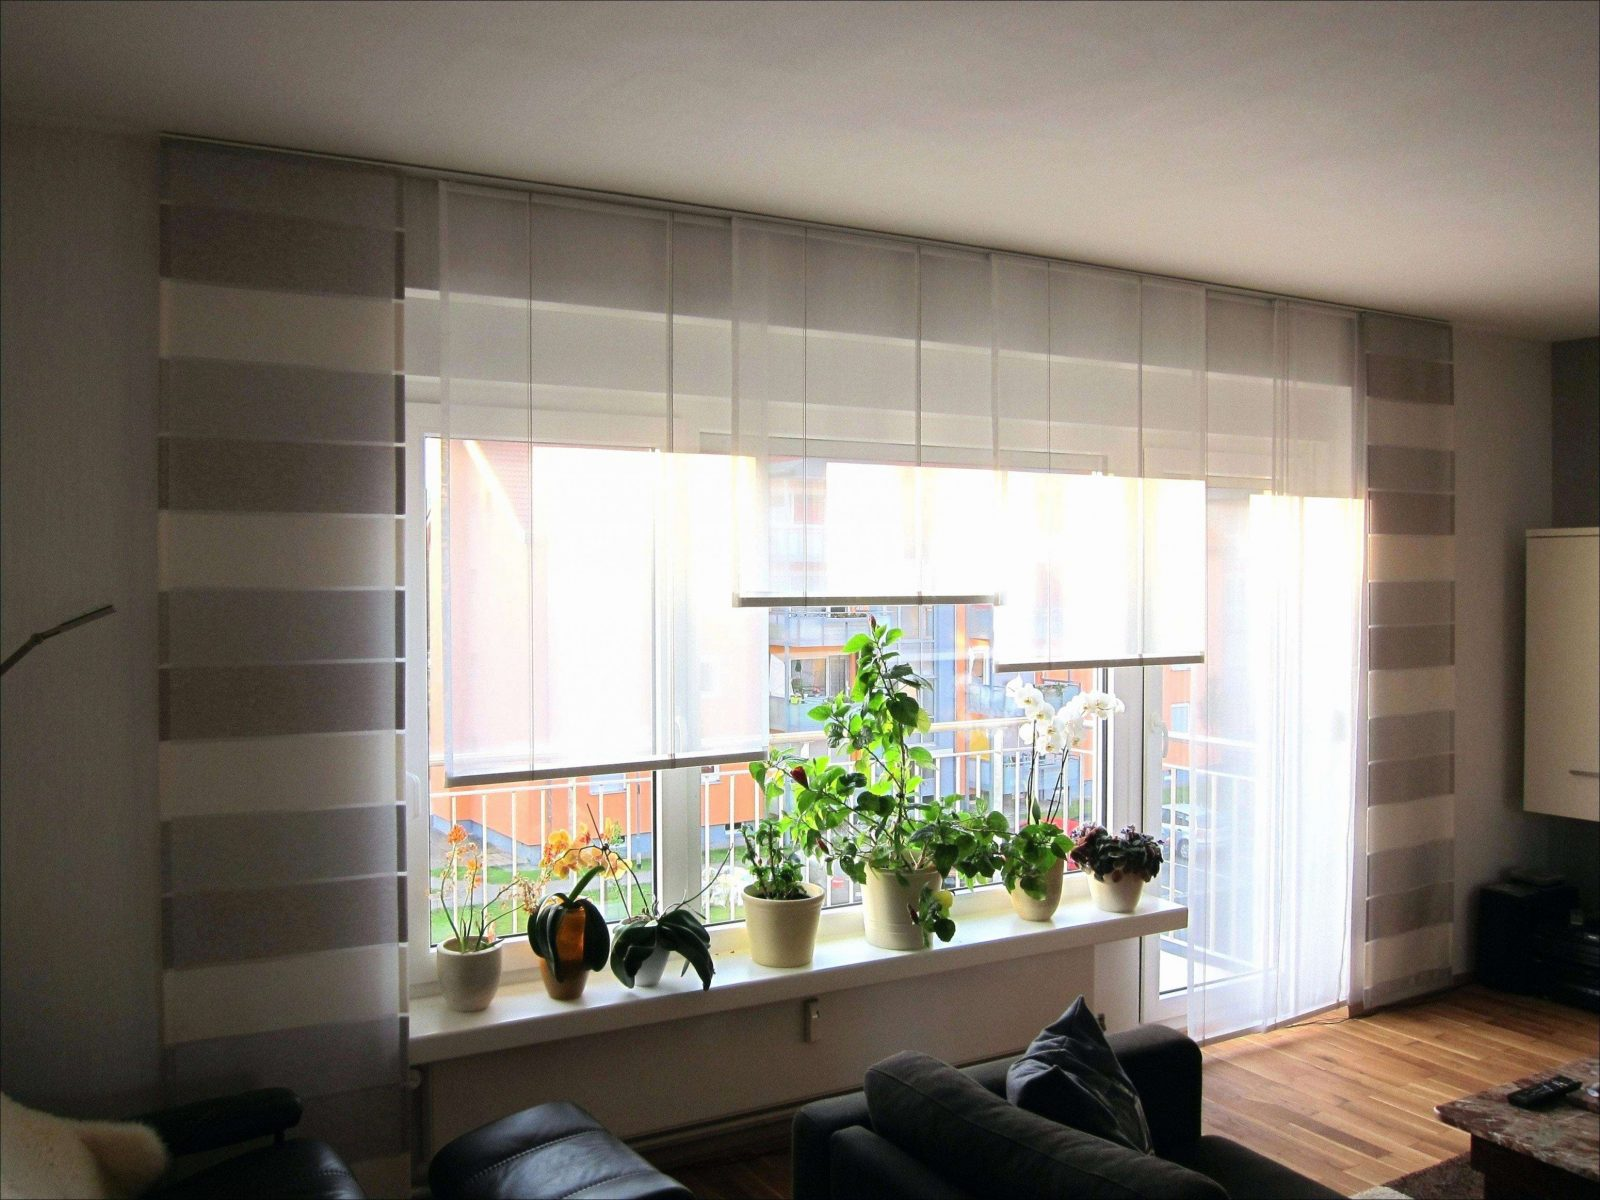 Gardinen Für Wohnzimmer Mit Balkontür Schön Fenster Vorhänge Kurz von Gardinen Für Wohnzimmer Mit Balkontür Photo